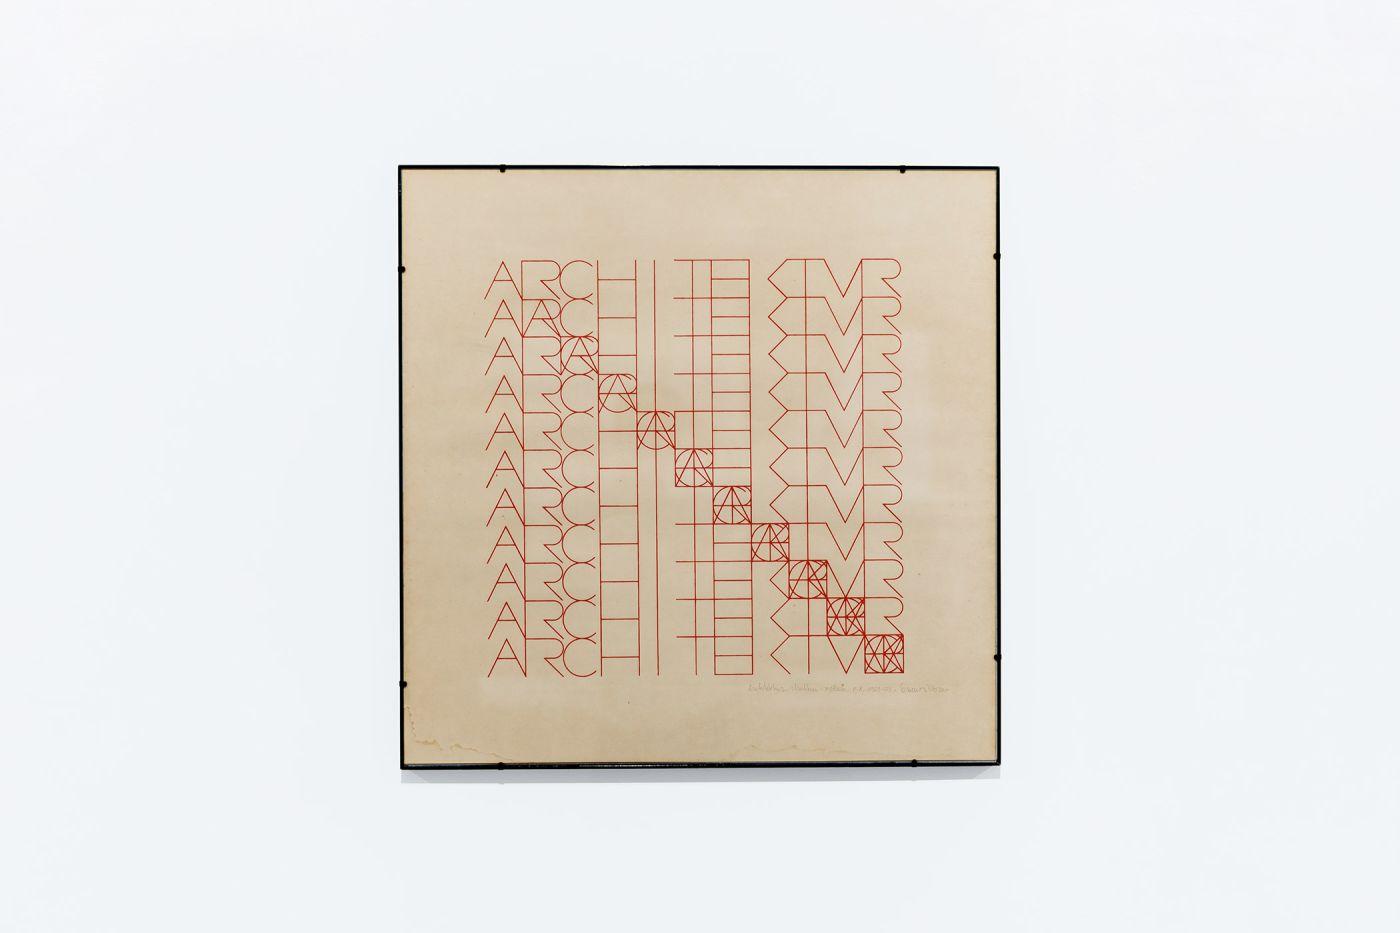 Leonardo Mosso, Architektur, 1972, Serigrafia ad un colore su carta, Prova d'artista, 70 x 70 cm